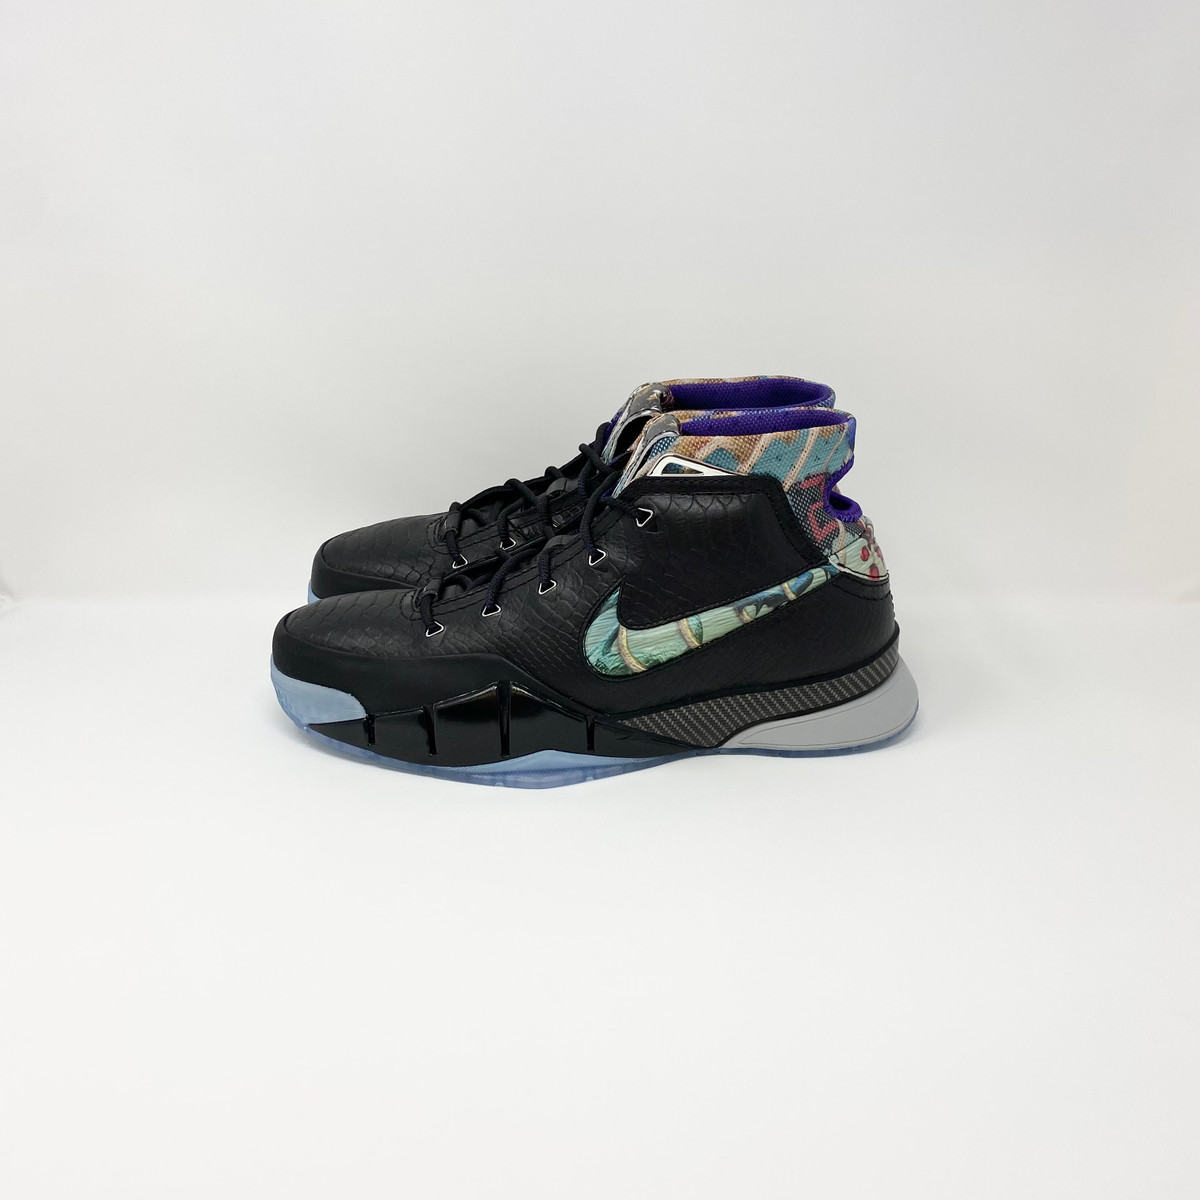 Nike Kobe 1 Prelude